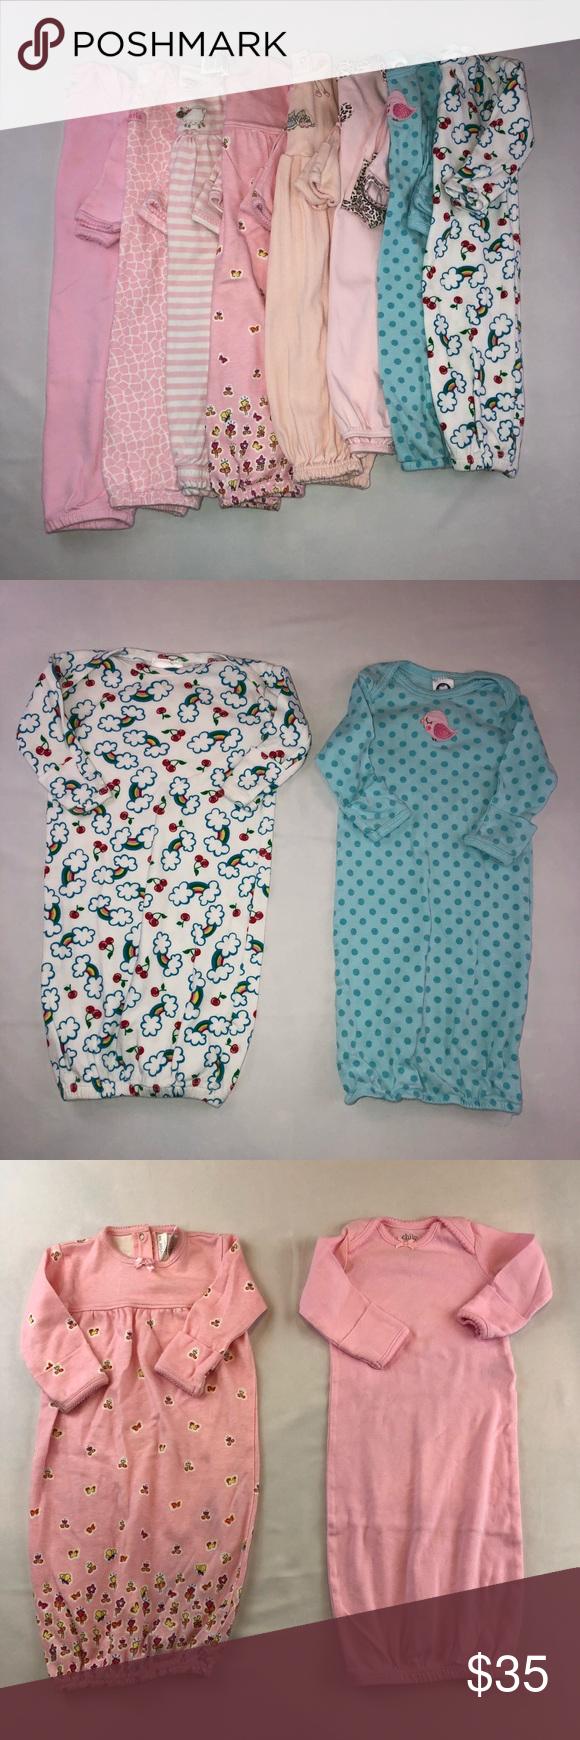 Baby girls size 0-3 Sleeper gowns Baby Girls Newborn 0-3 Months ...